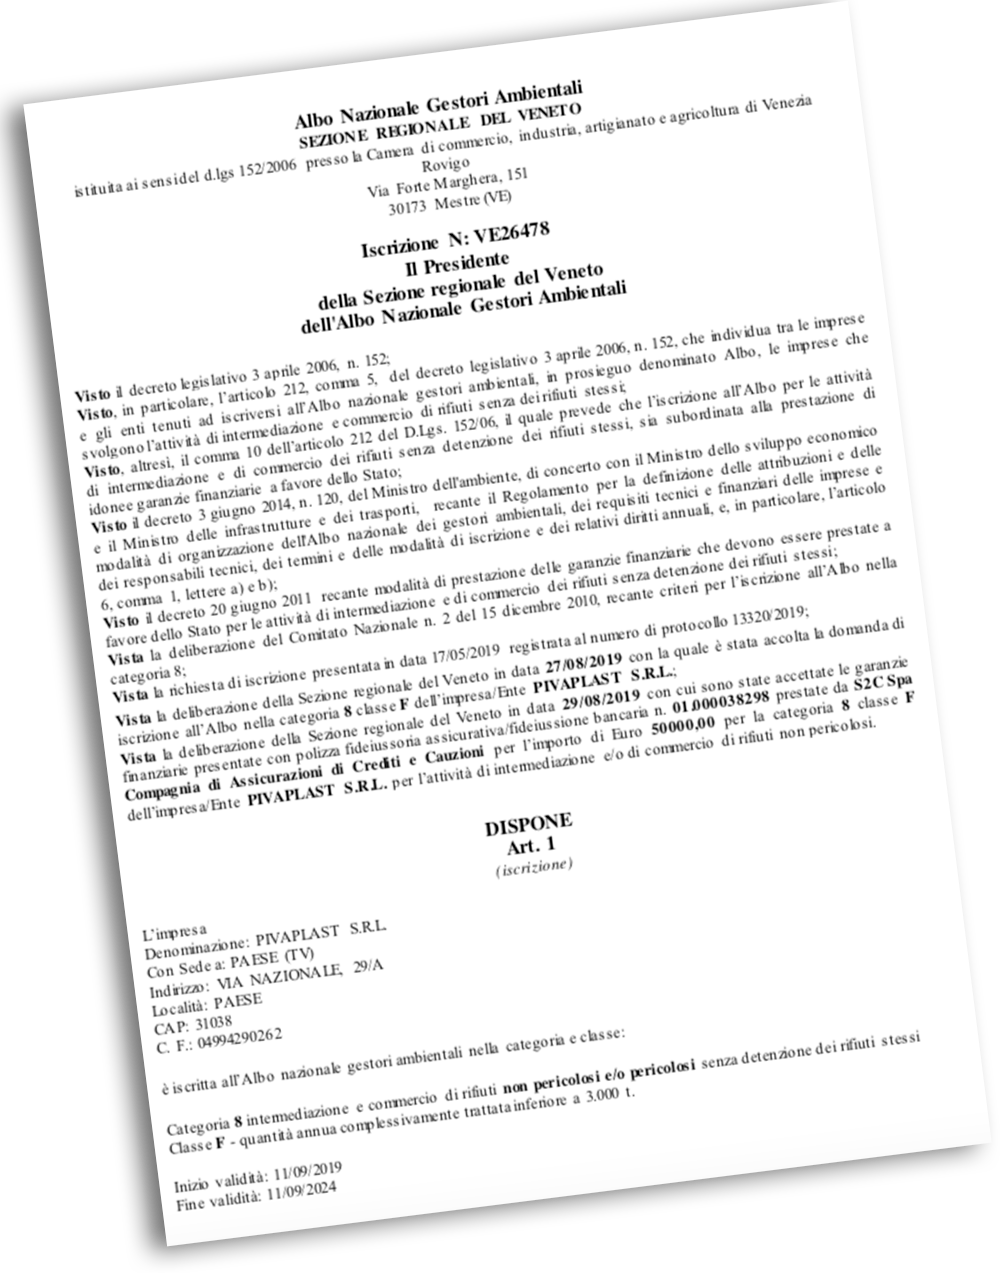 Pivaplast Srl Autorizzazioni al trattamento Materie Plastiche